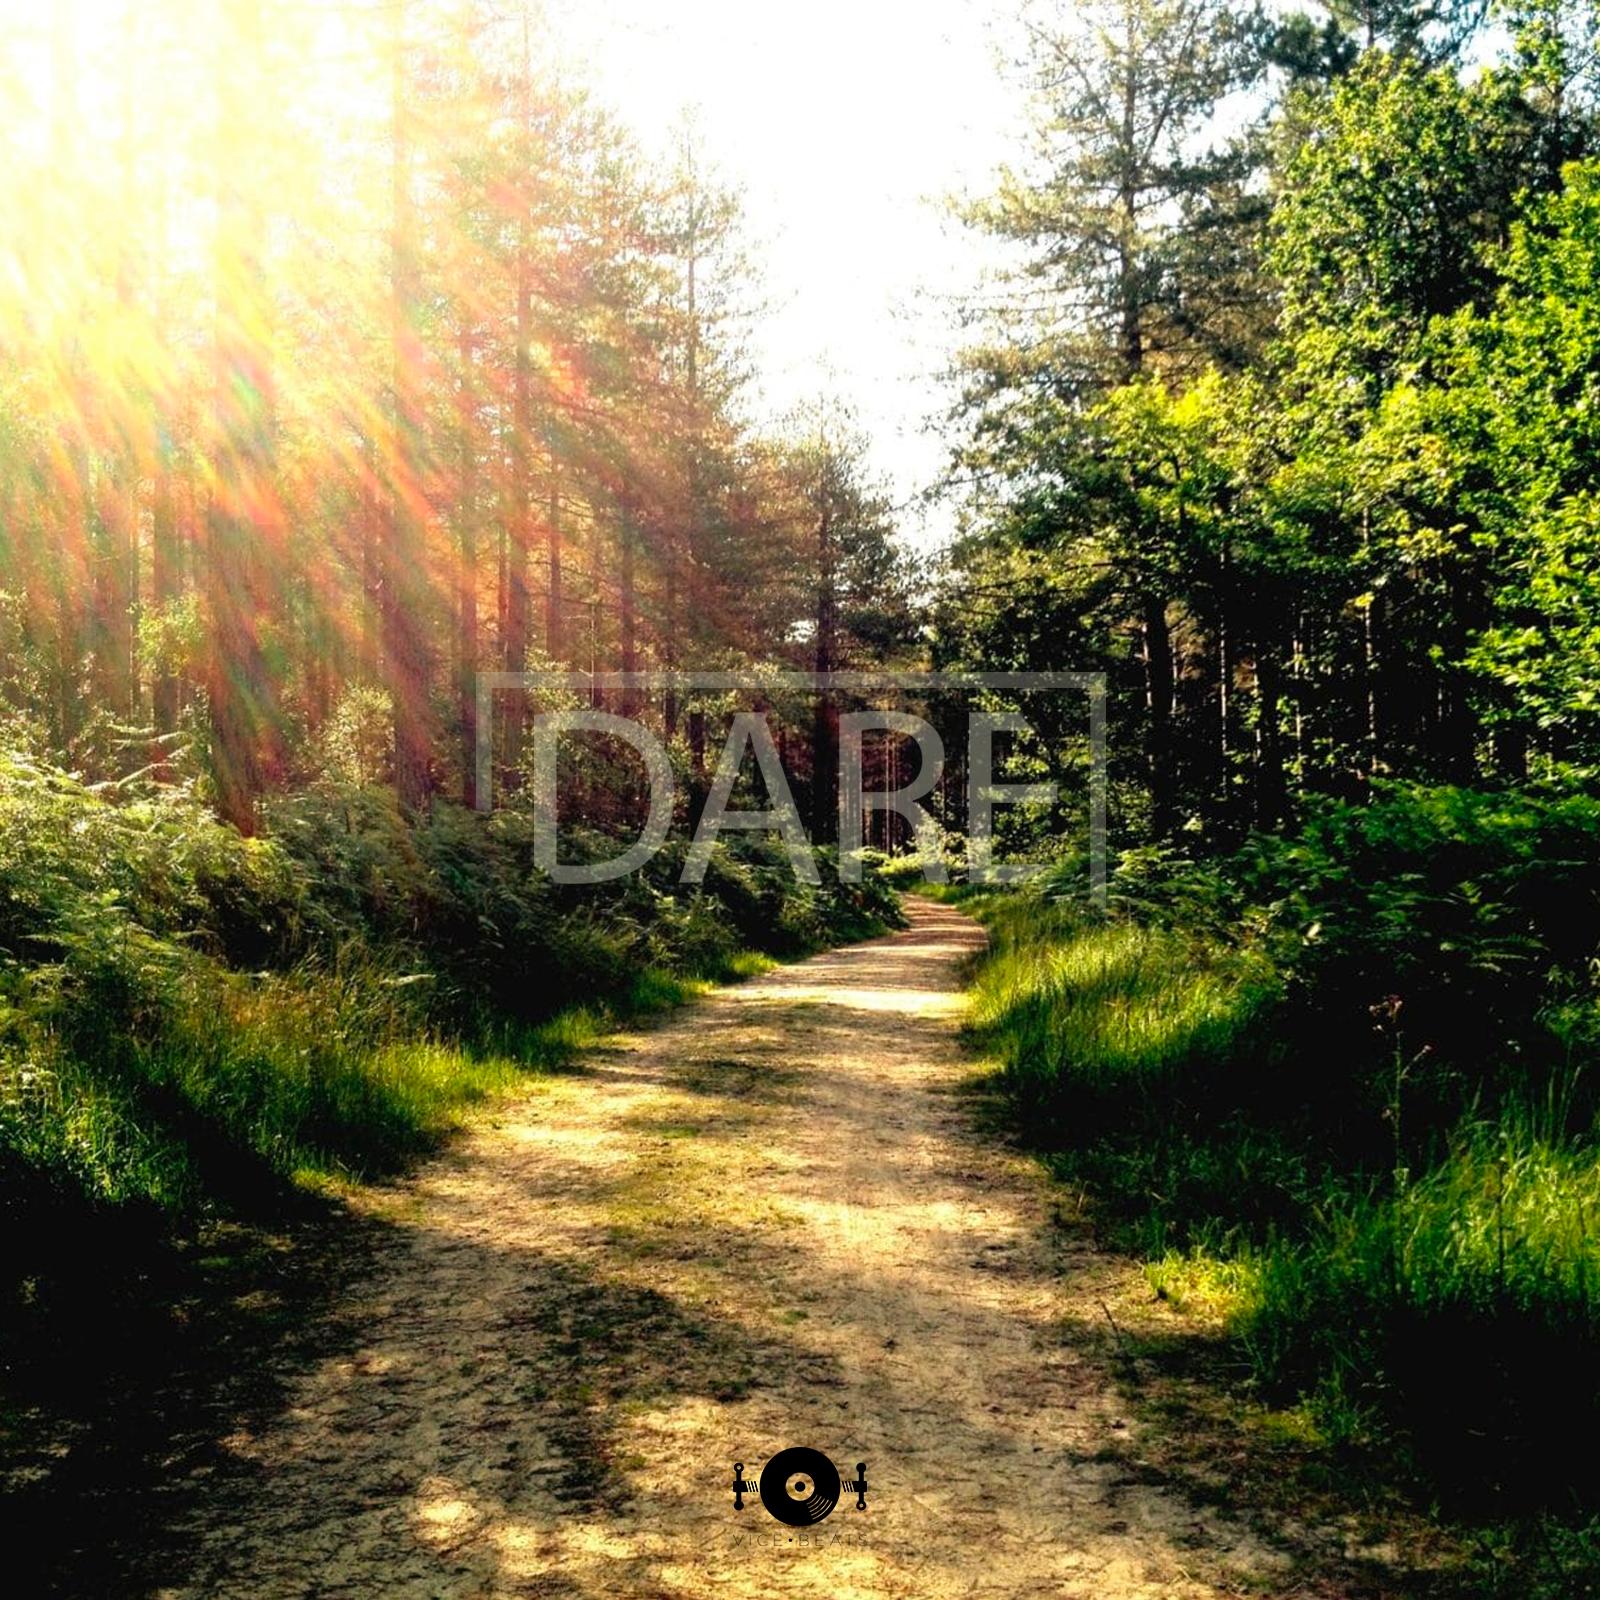 Vice beats - Dare cover